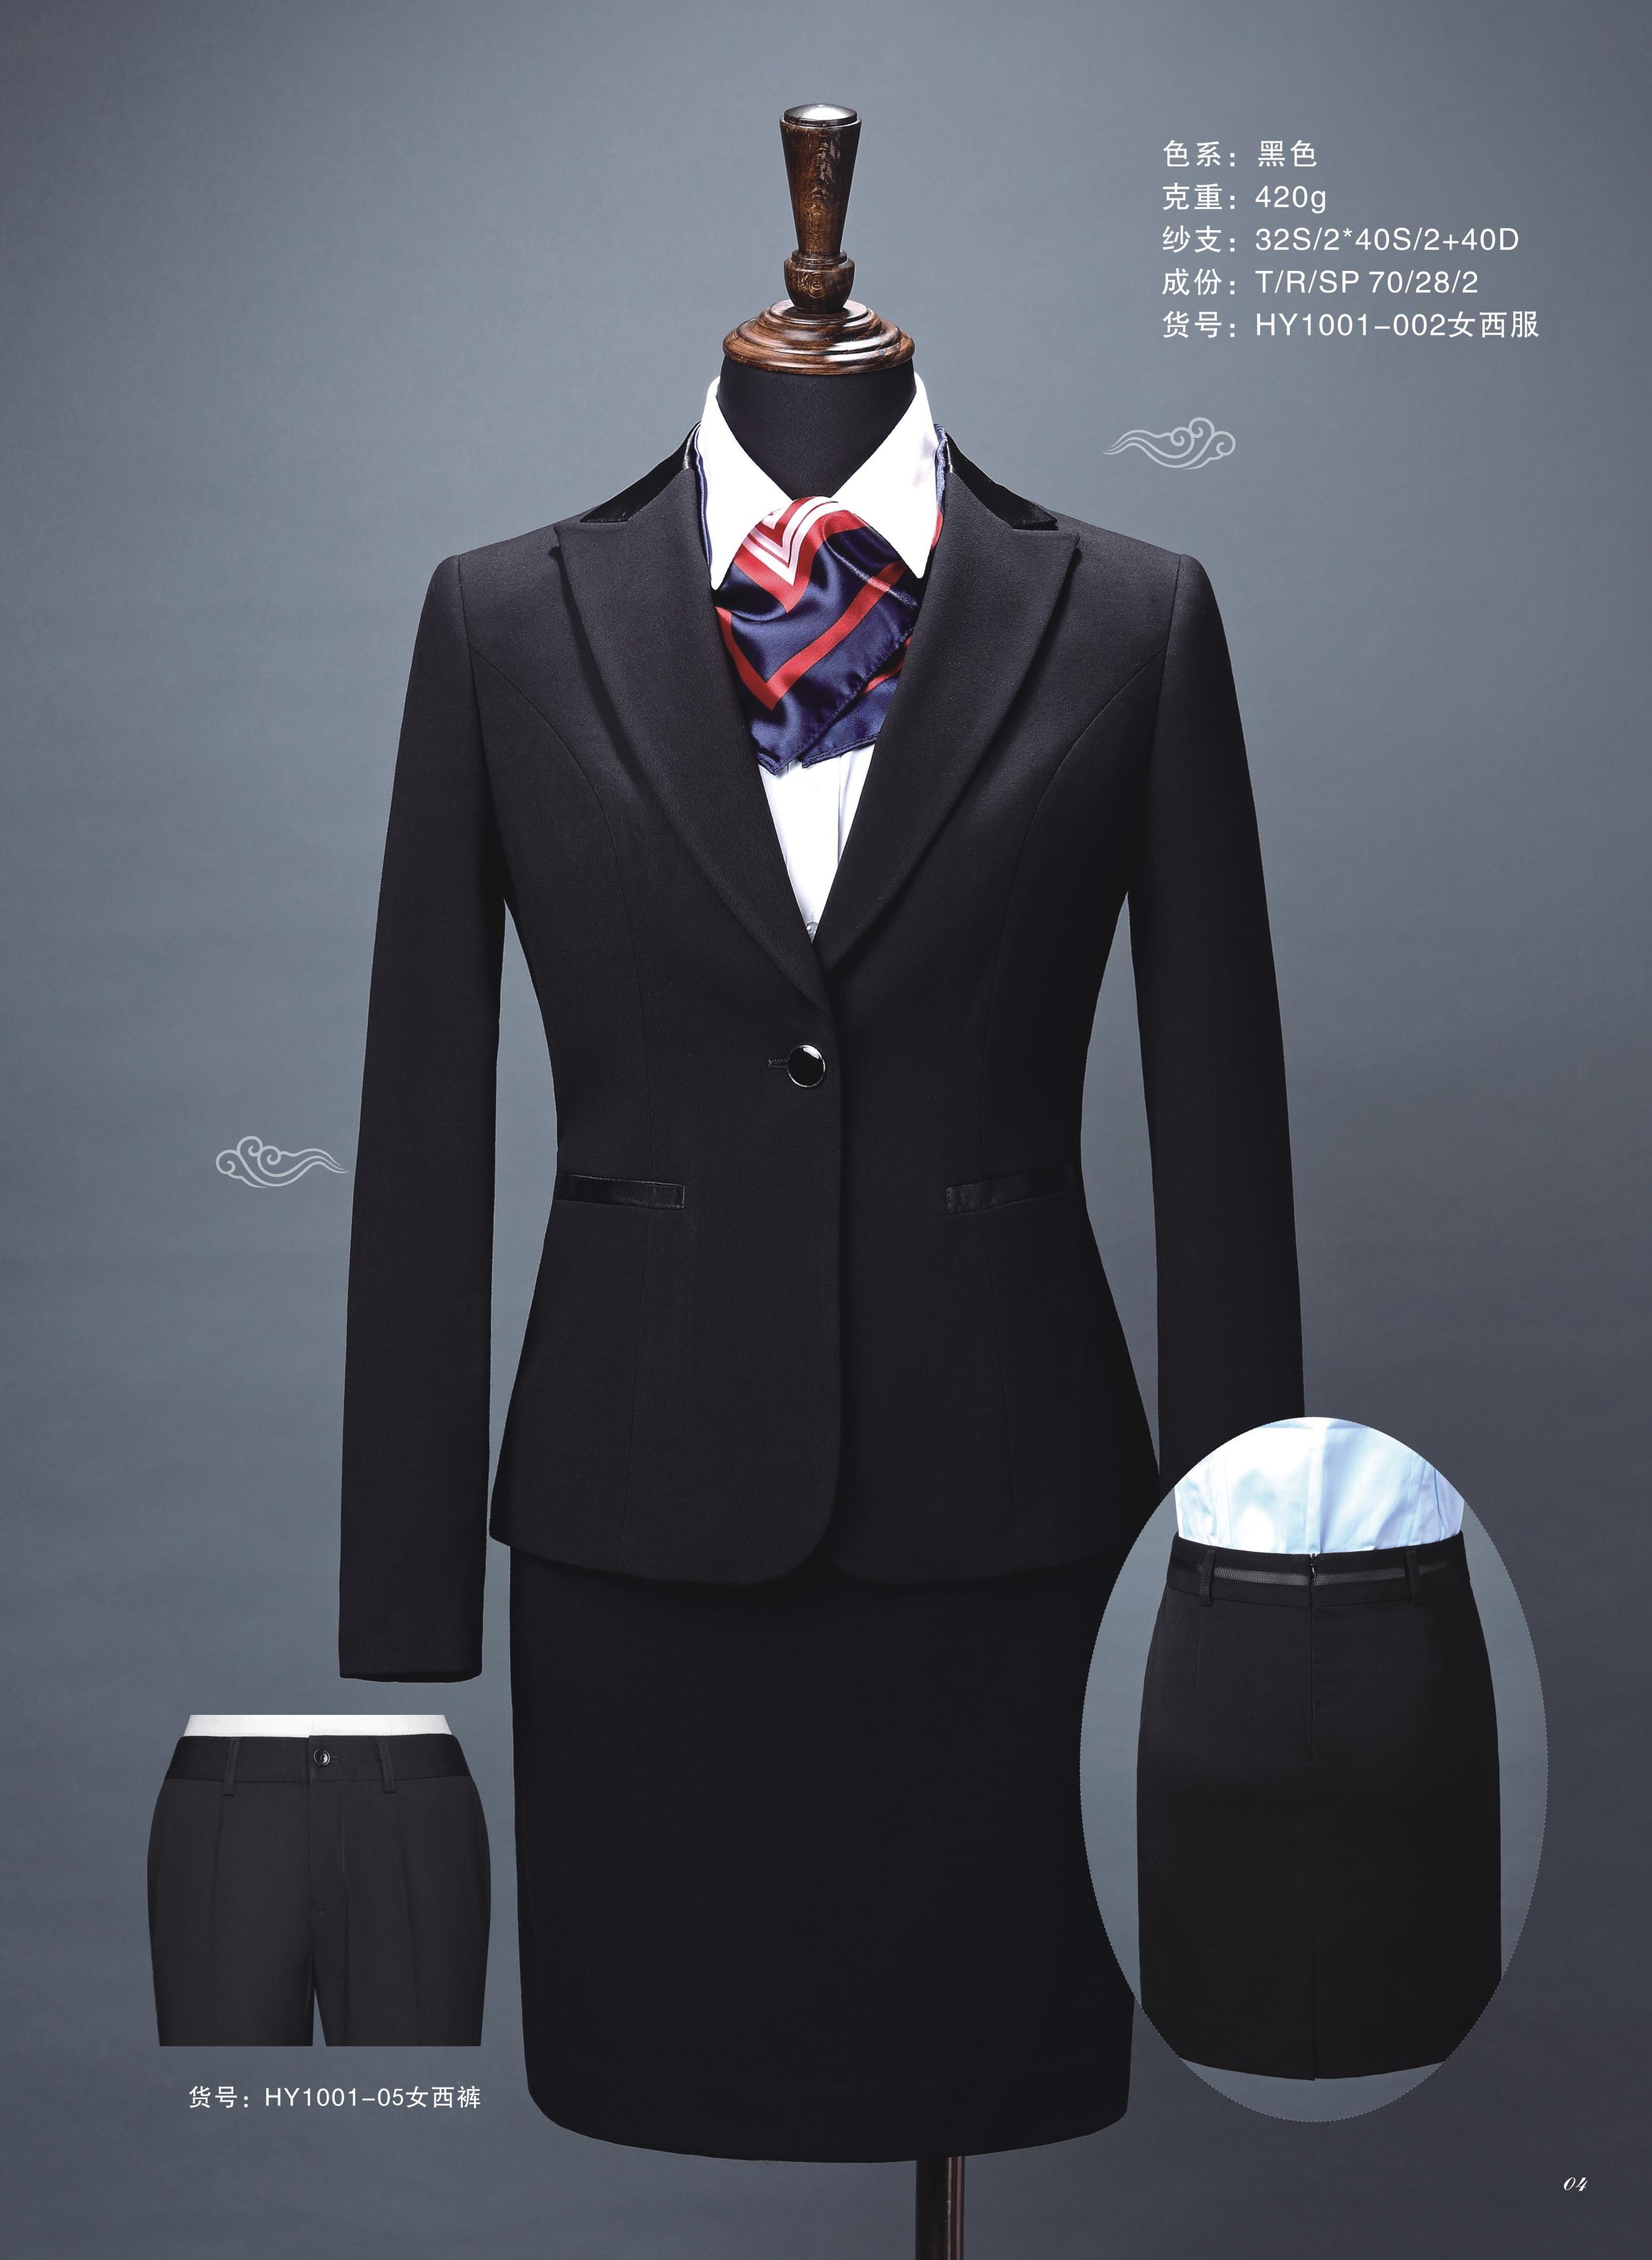 HY1001-002女西服